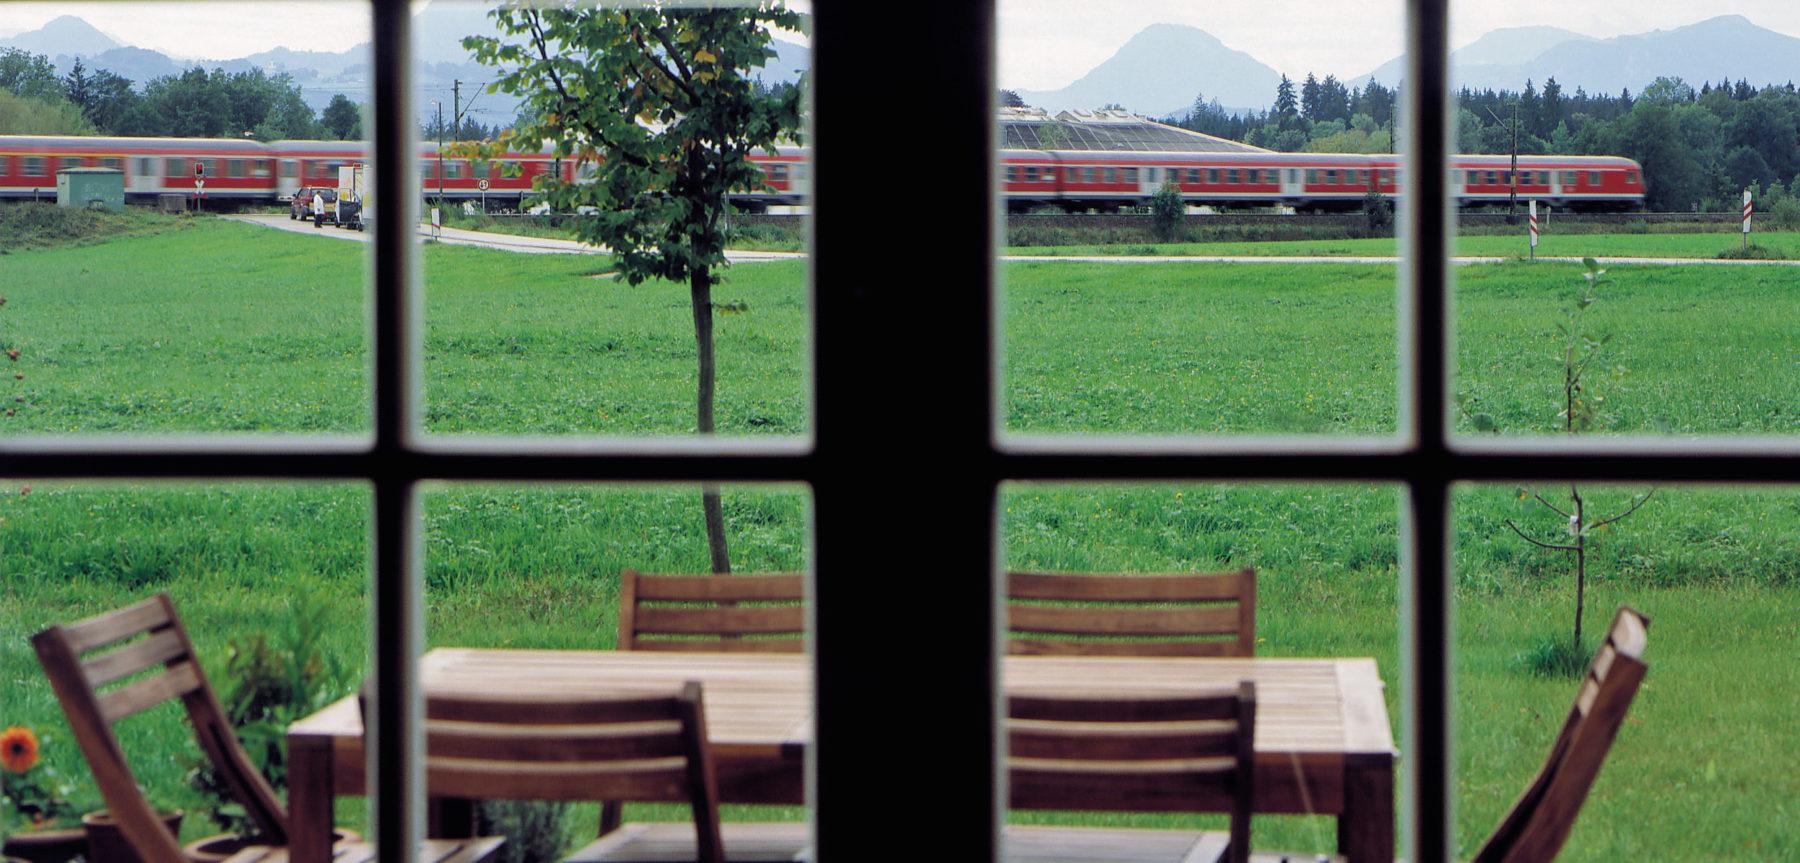 Schallschutzfenster halten Lärm effektiv draußen. Foto: VFF/Saint-Gobain